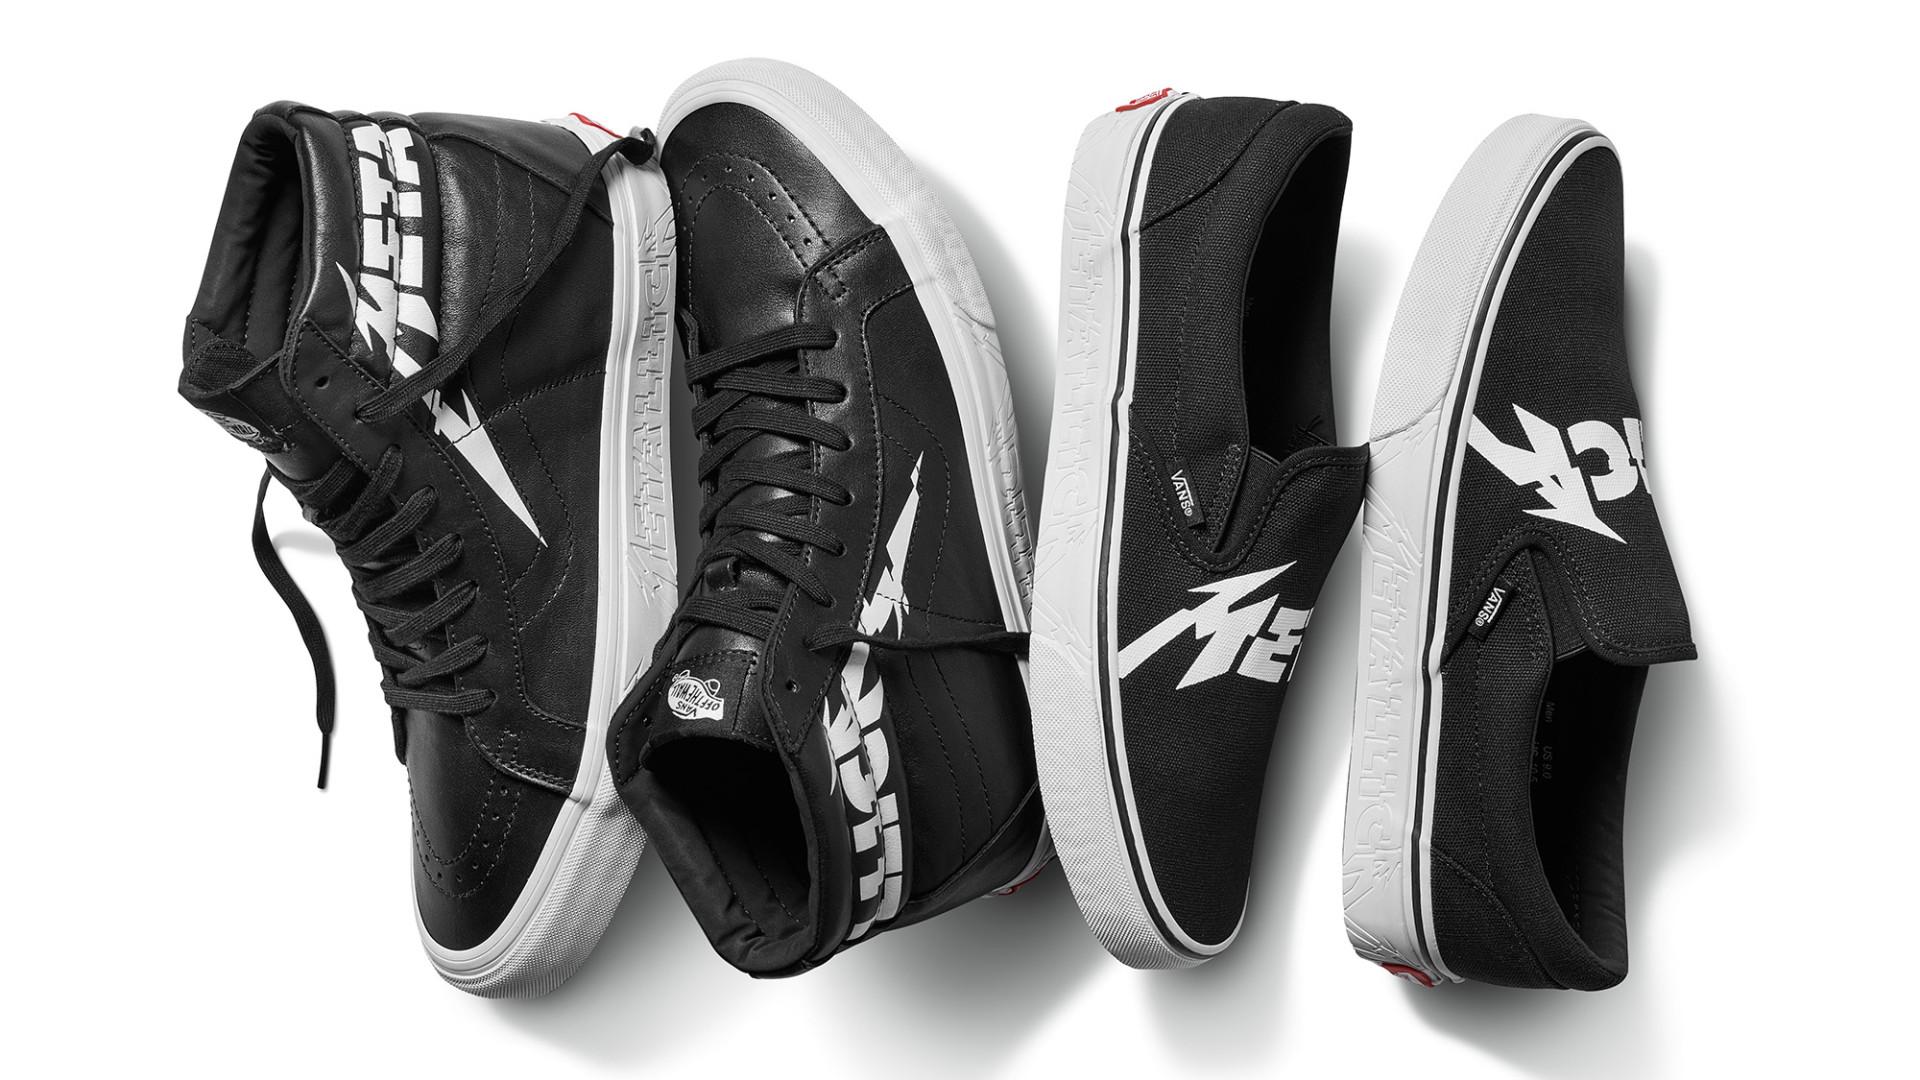 Fãs de Metallica: Esta coleção da Vans é limitada